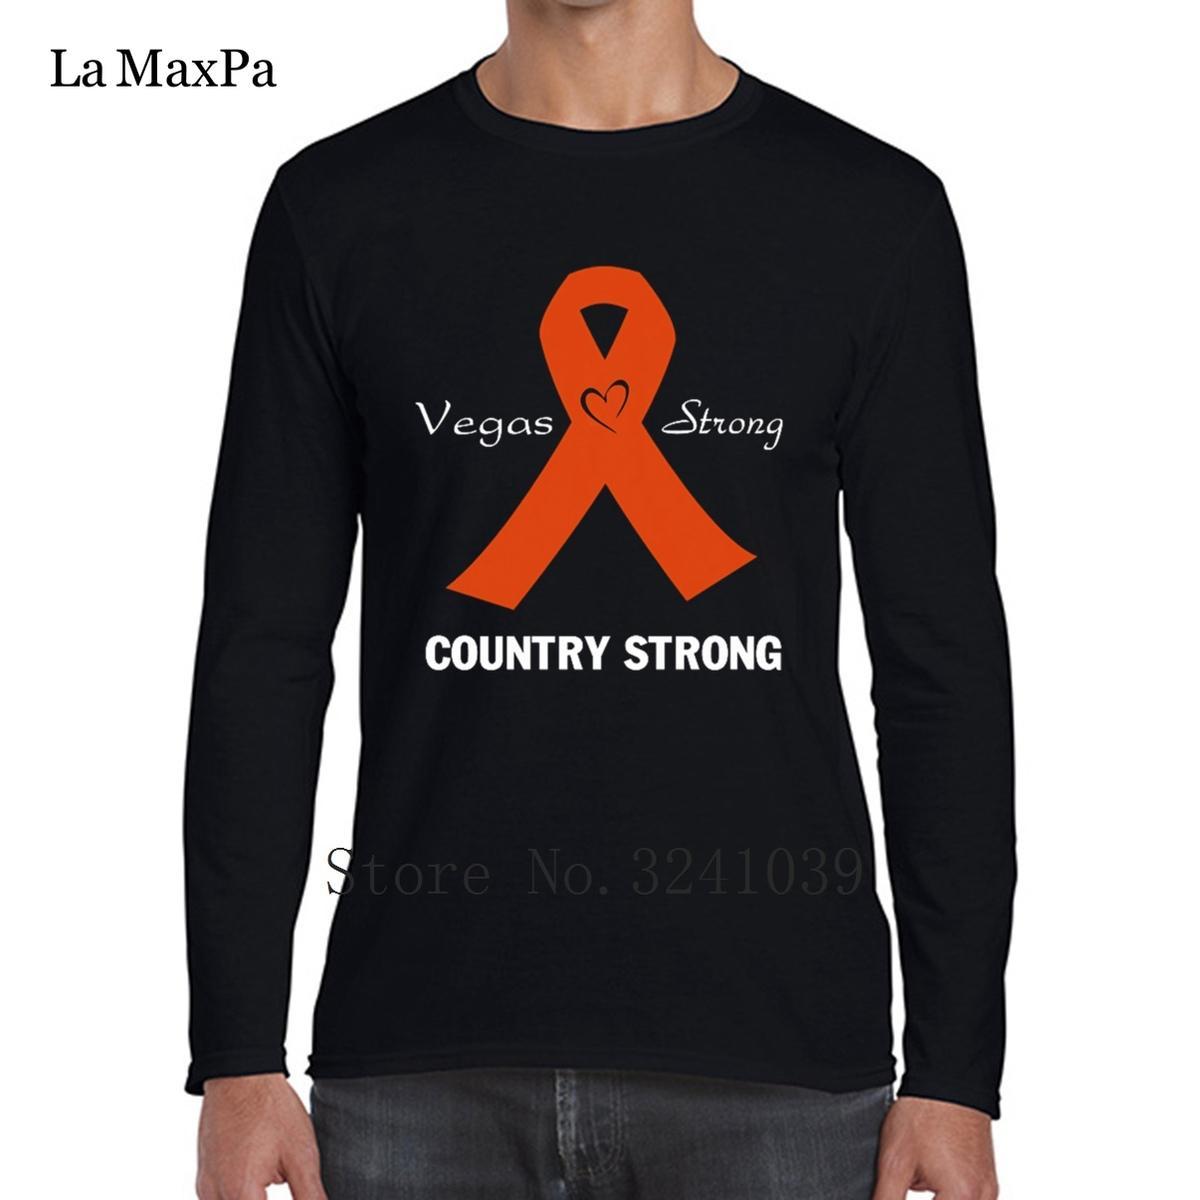 La Maxpa Дизайн свой собственный сумасшедший футболку мужчины Лас-Вегас сильная футболка для мужчин зима экипажа шеи уличной обычная футболка